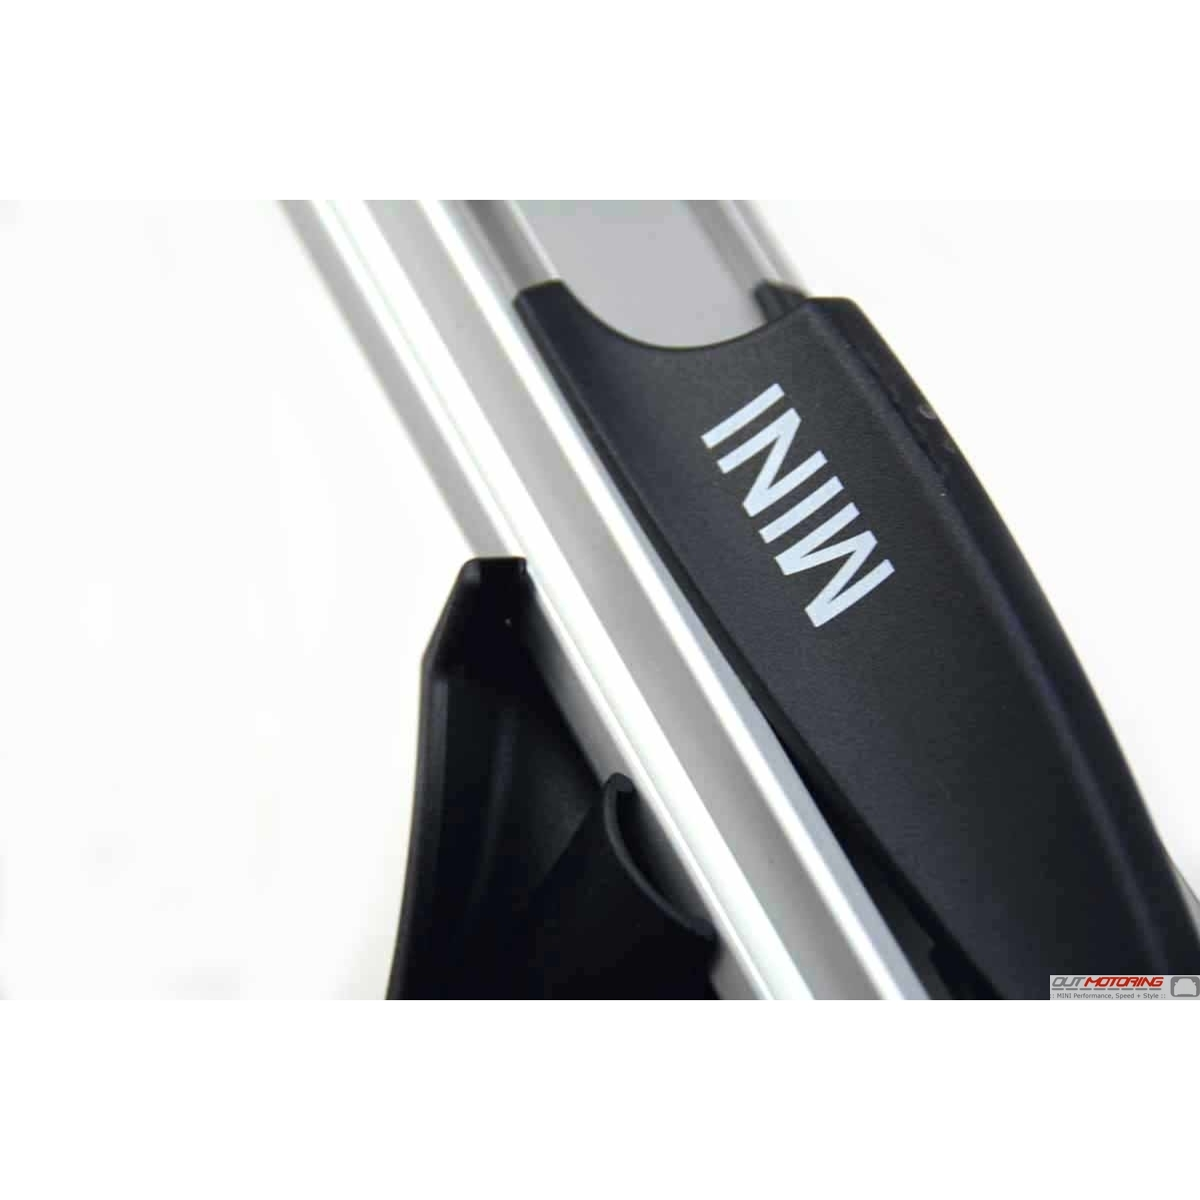 Mini Cooper Bike Roof Rack: MINI Cooper Roof Rack Racing Bike Mount 82722326515